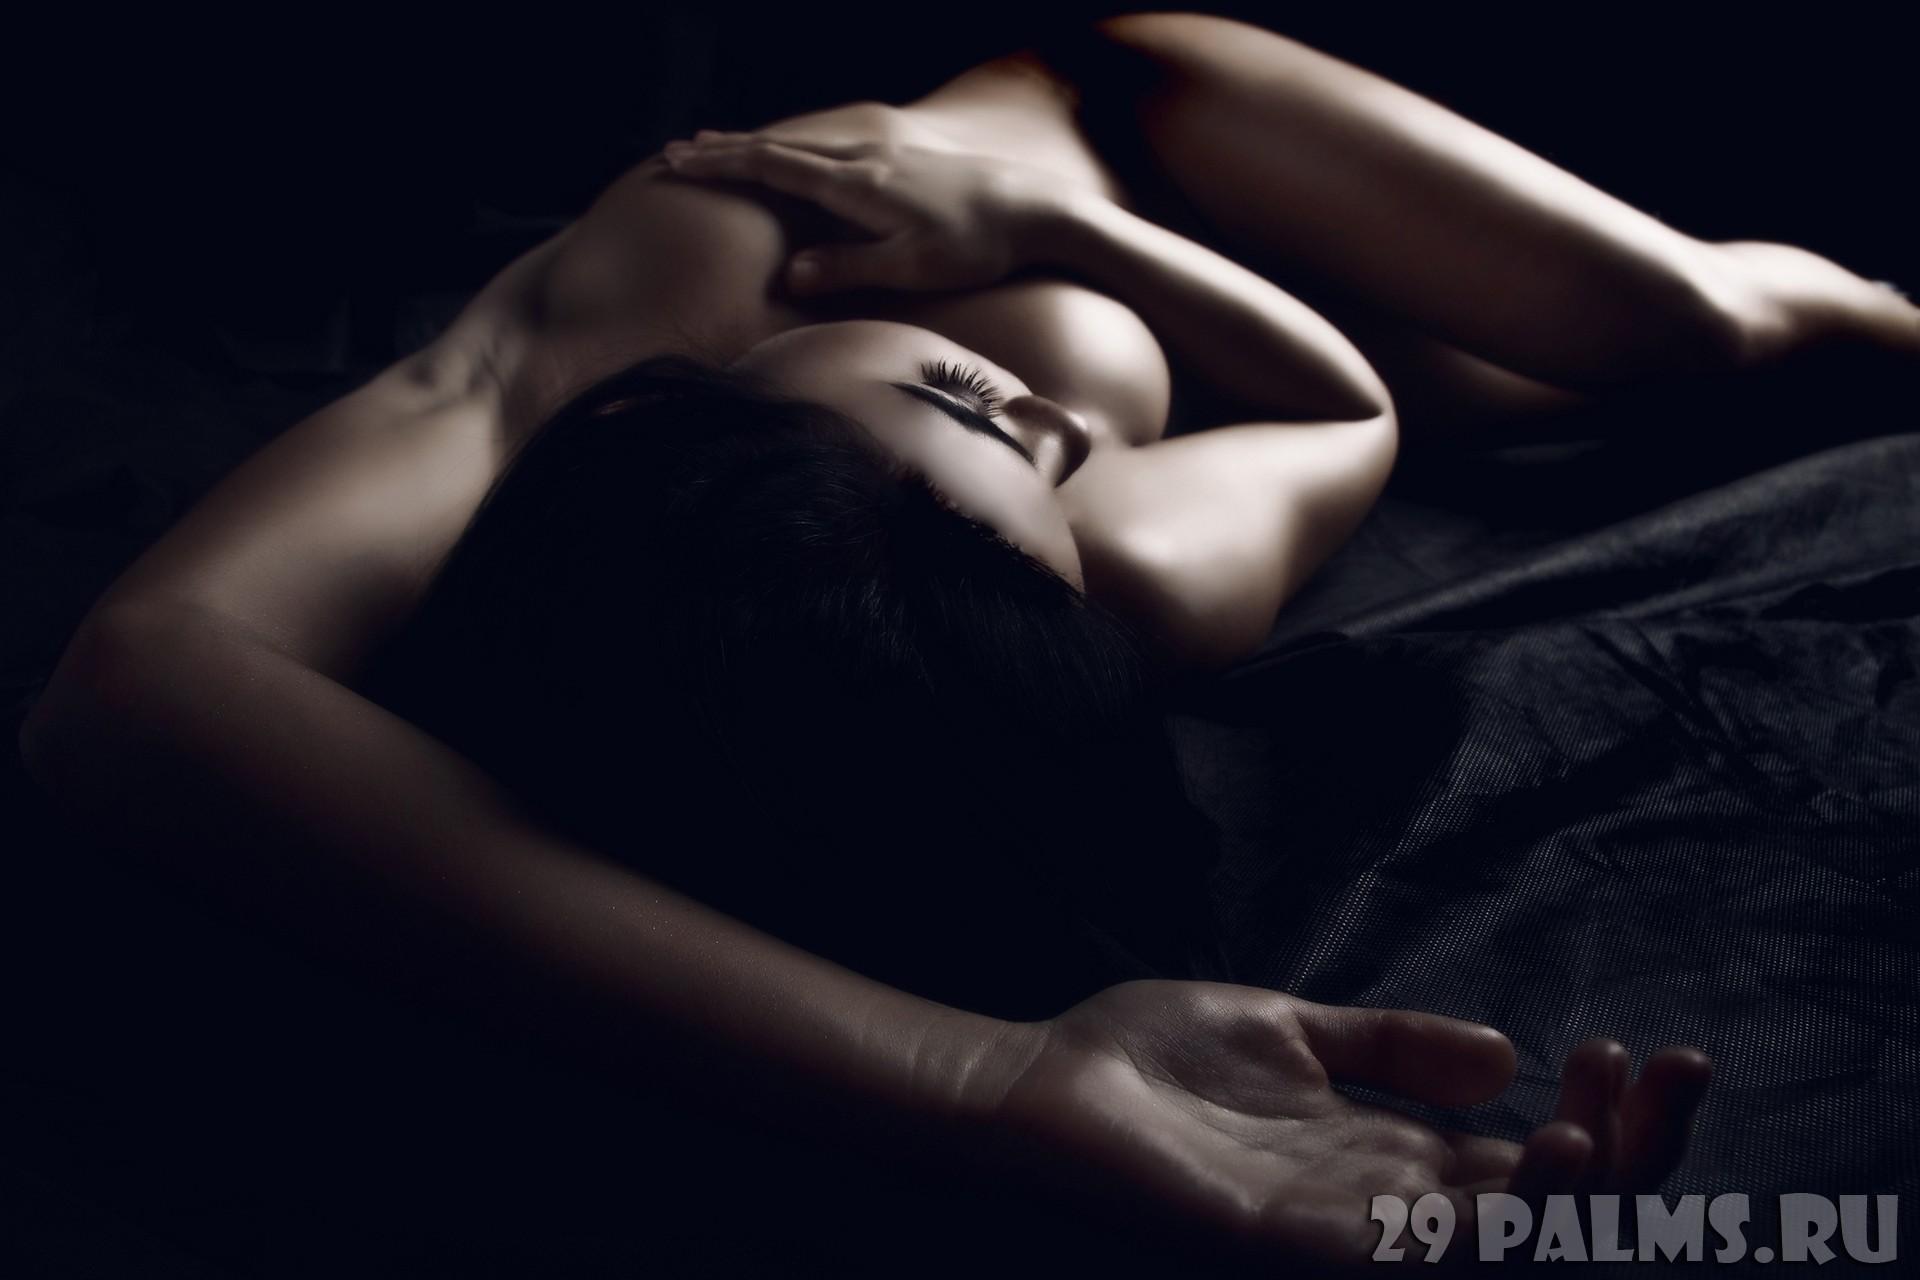 eroticheskih-foto-v-stile-nyu